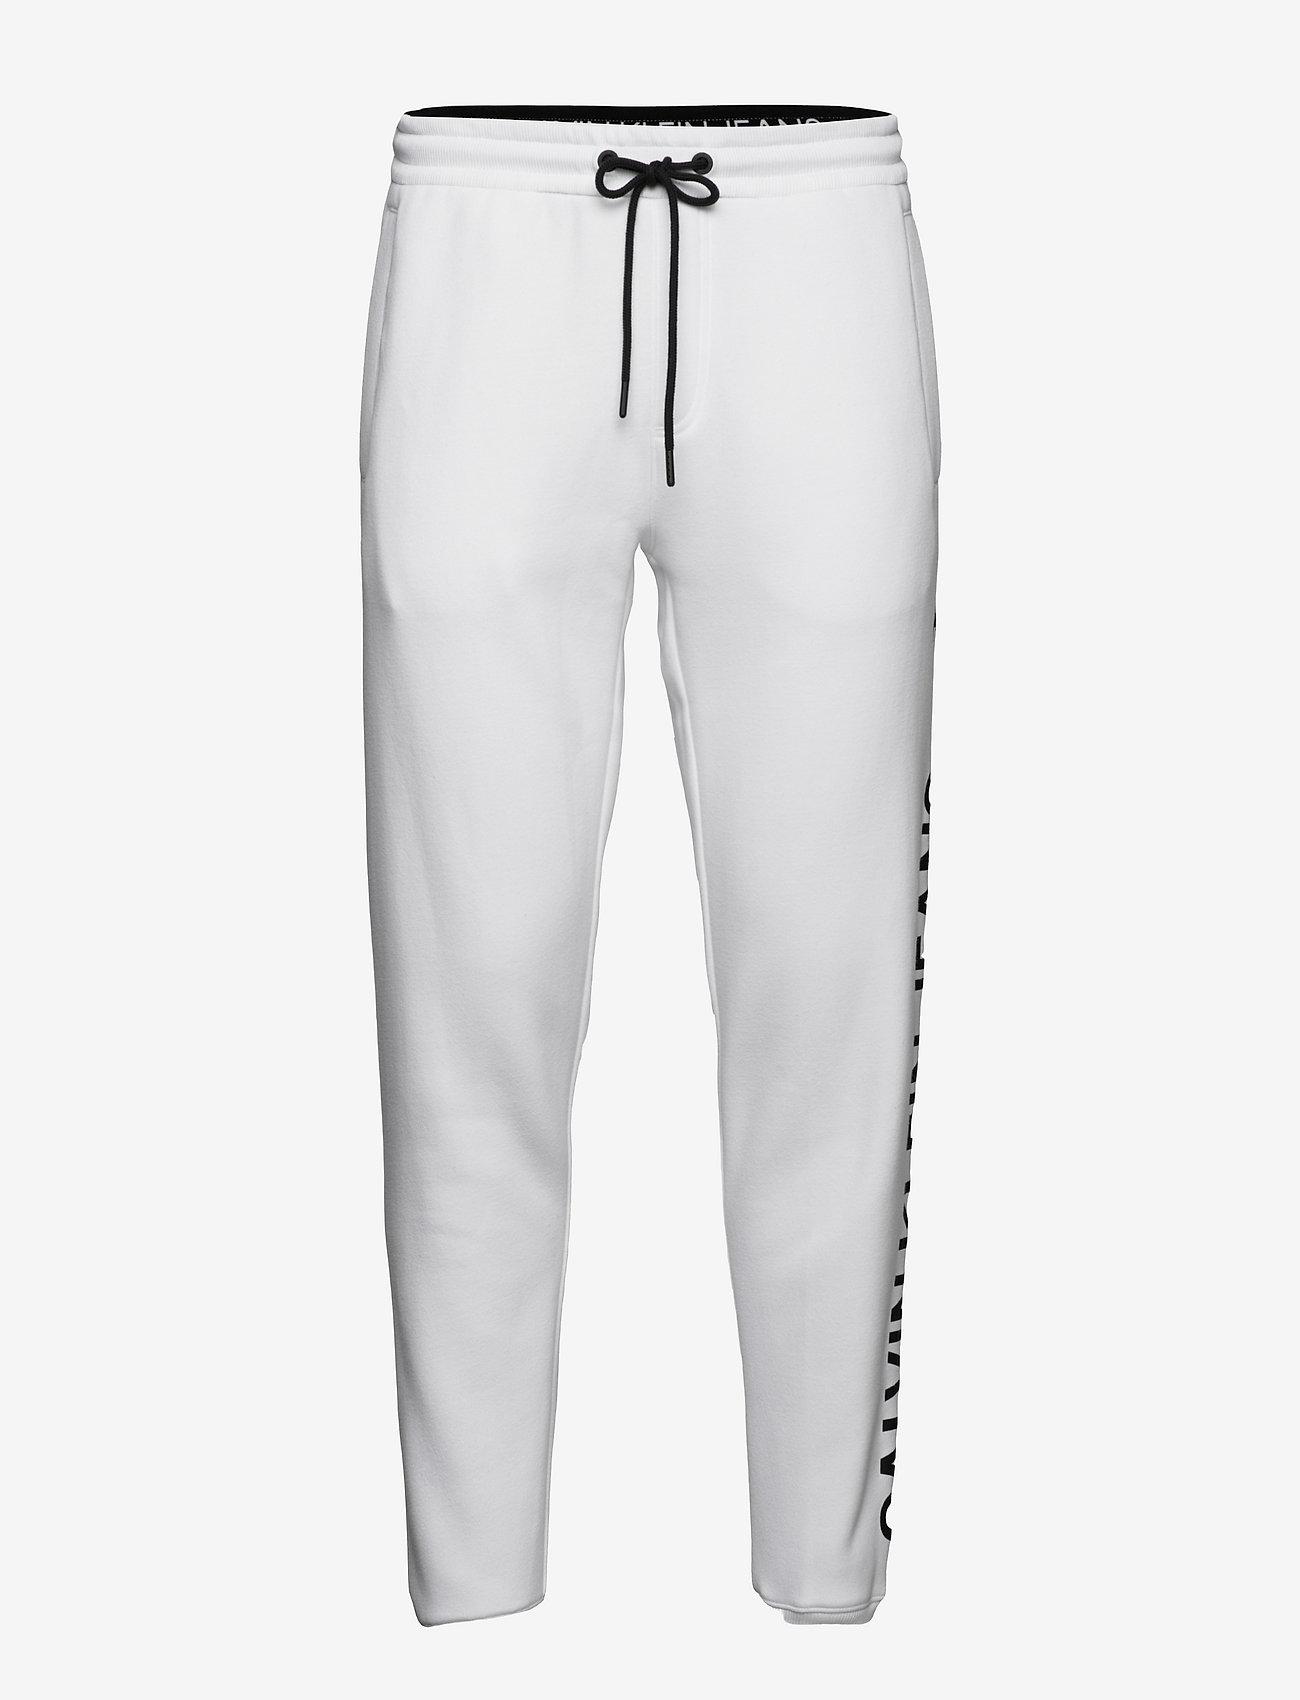 Calvin Klein Jeans - CK VERTICAL LOGO HWK PANT - kleding - bright white - 0